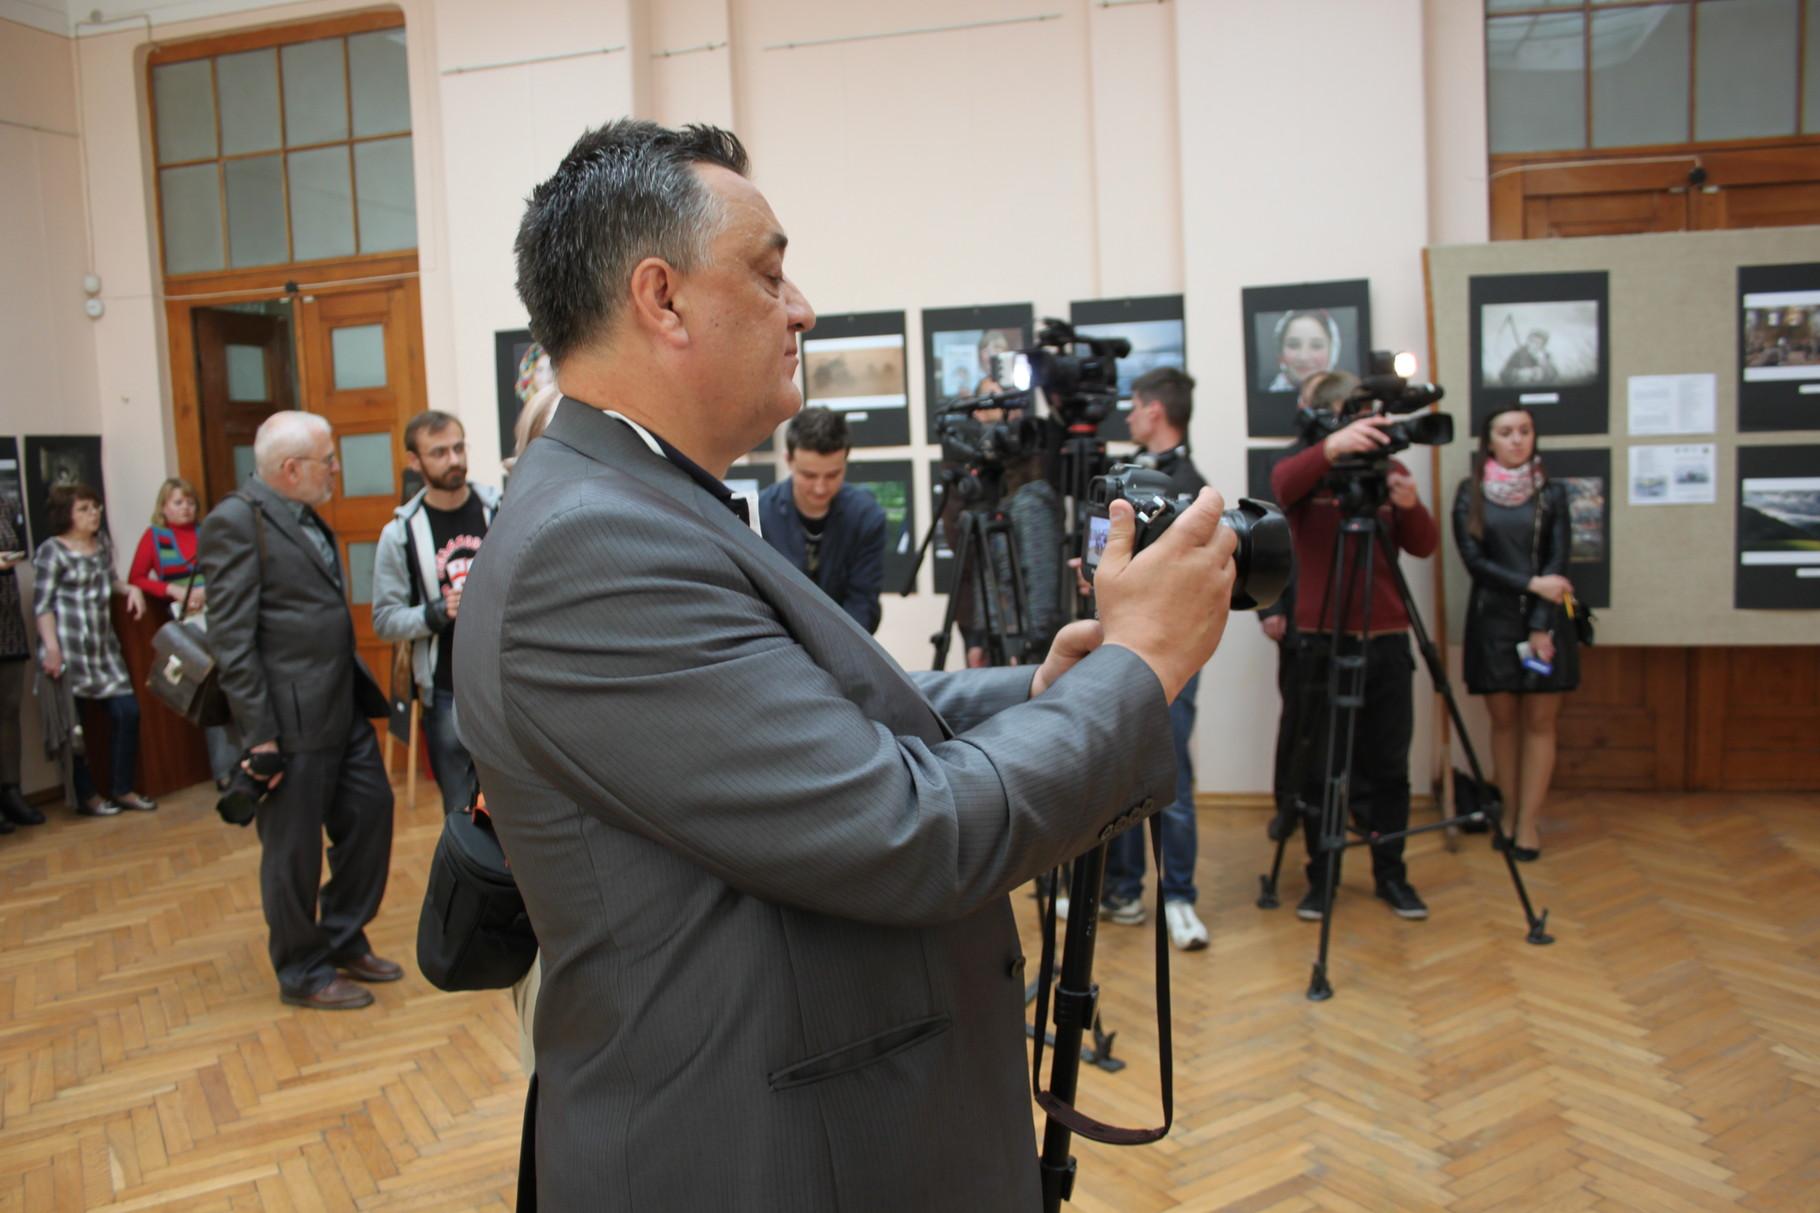 Fotó: Vasile Paladean - Cernăuţi (UA)